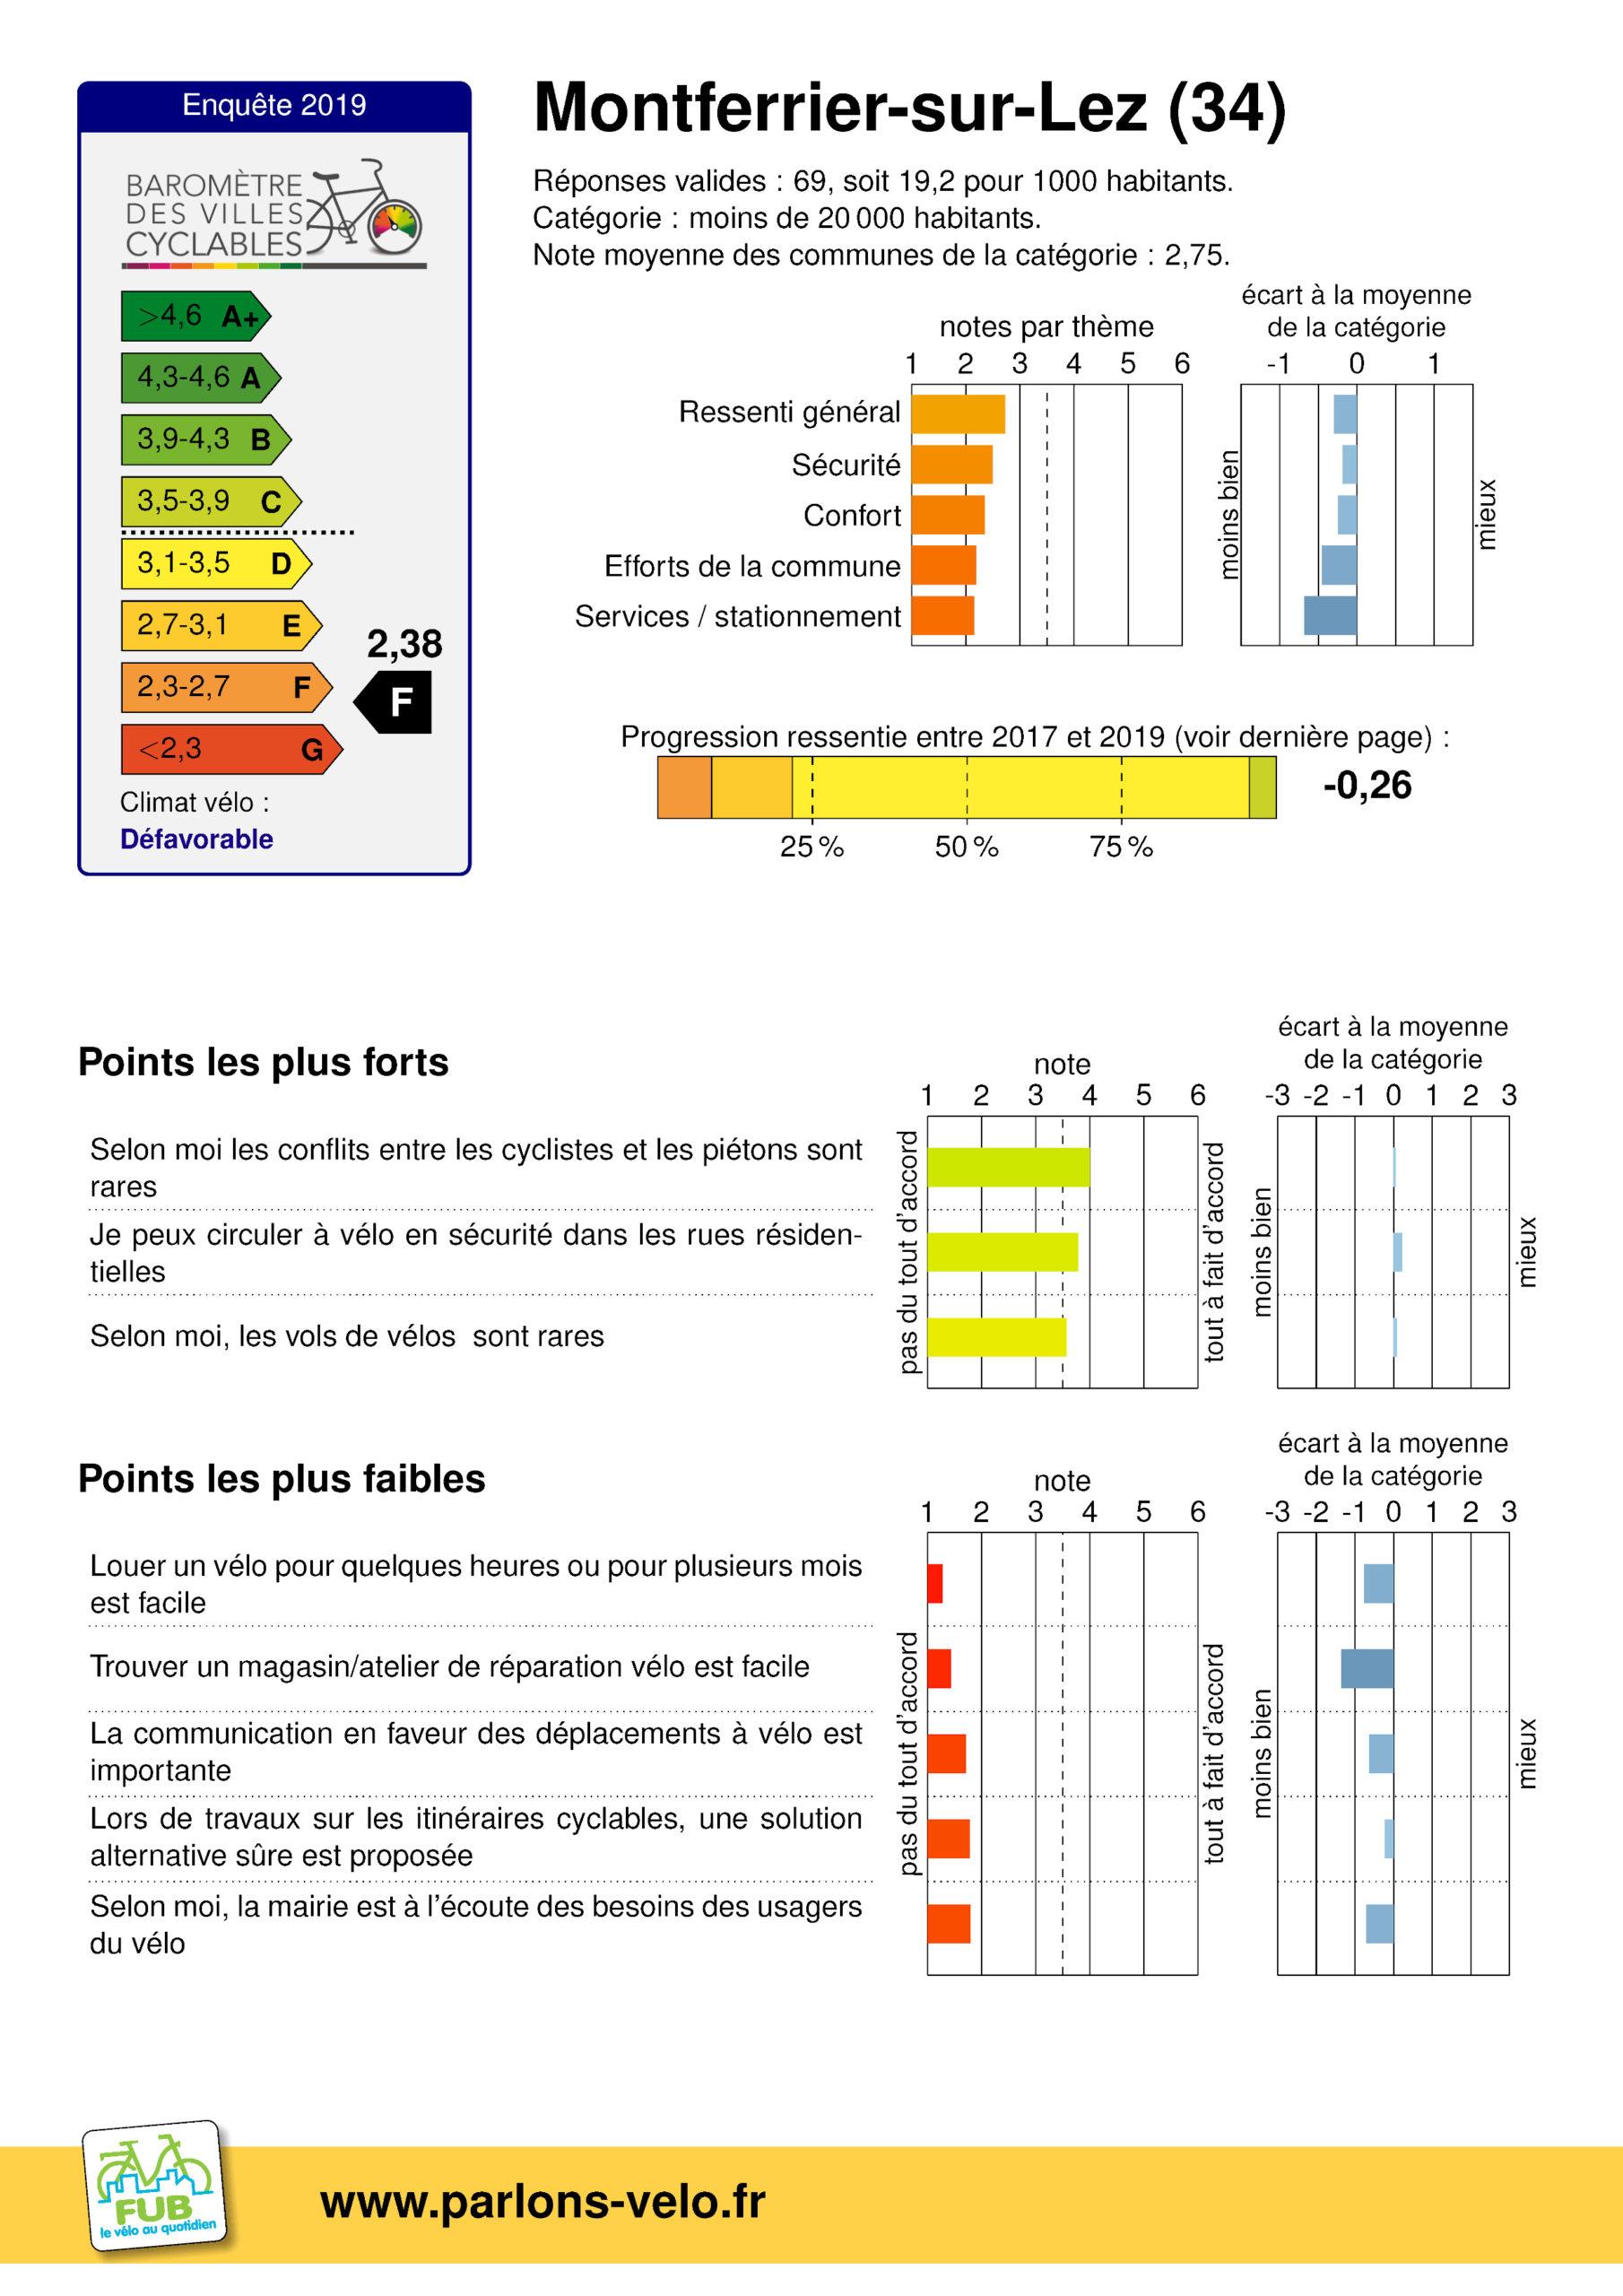 Baromètre des villes cyclables : Un mauvais bilan sur Montferrier sur Lez